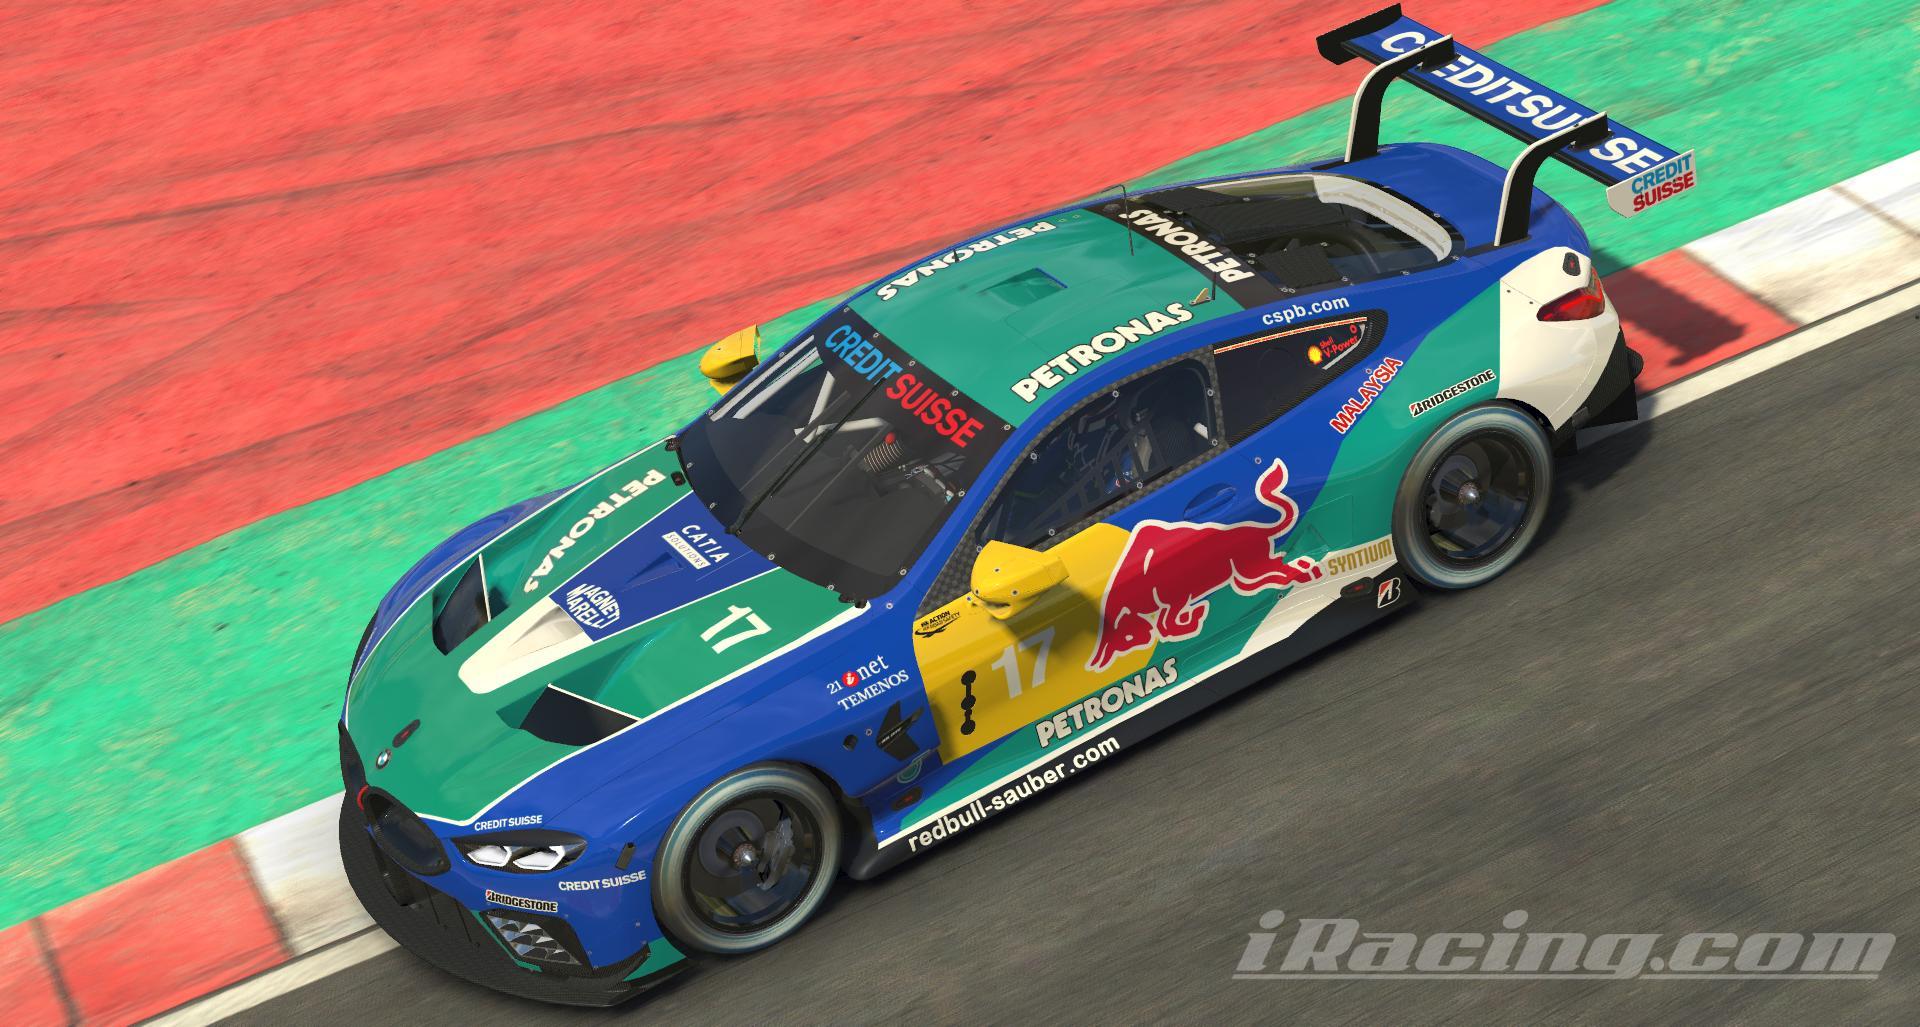 Preview of Red Bull Sauber Petronas C20, Kimi Raikkonen by Kazuhiro Oida